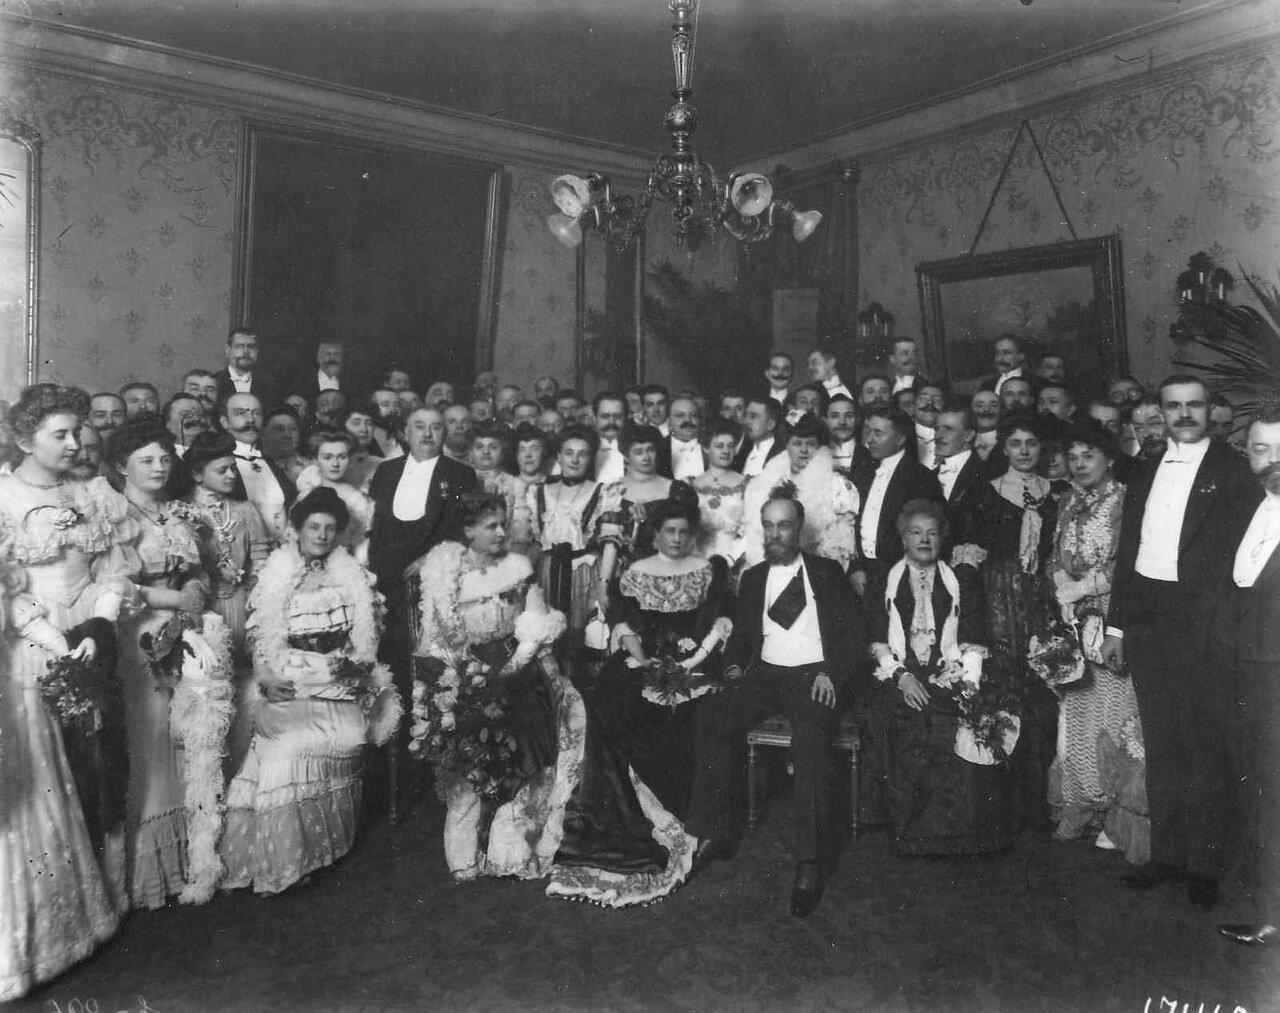 07. Группа сотрудников посольства. В центре - посол, граф фон-Альвенслебен с супругой. Июль 1906